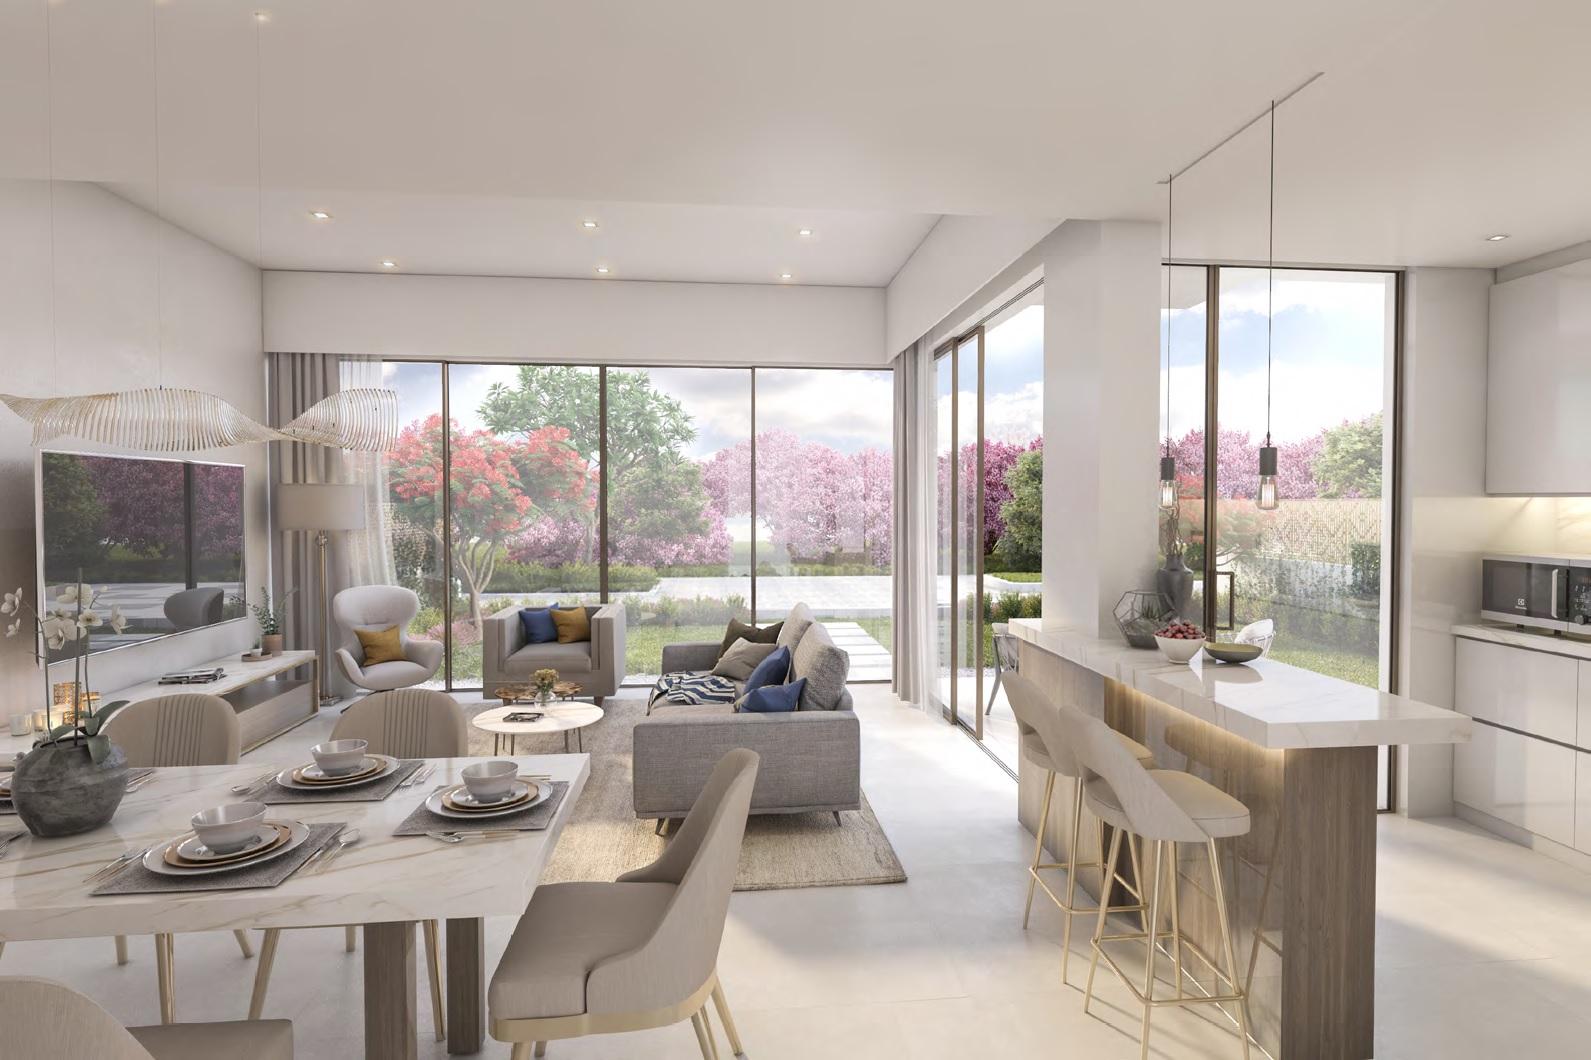 meraas cherrywoods project amenities features2